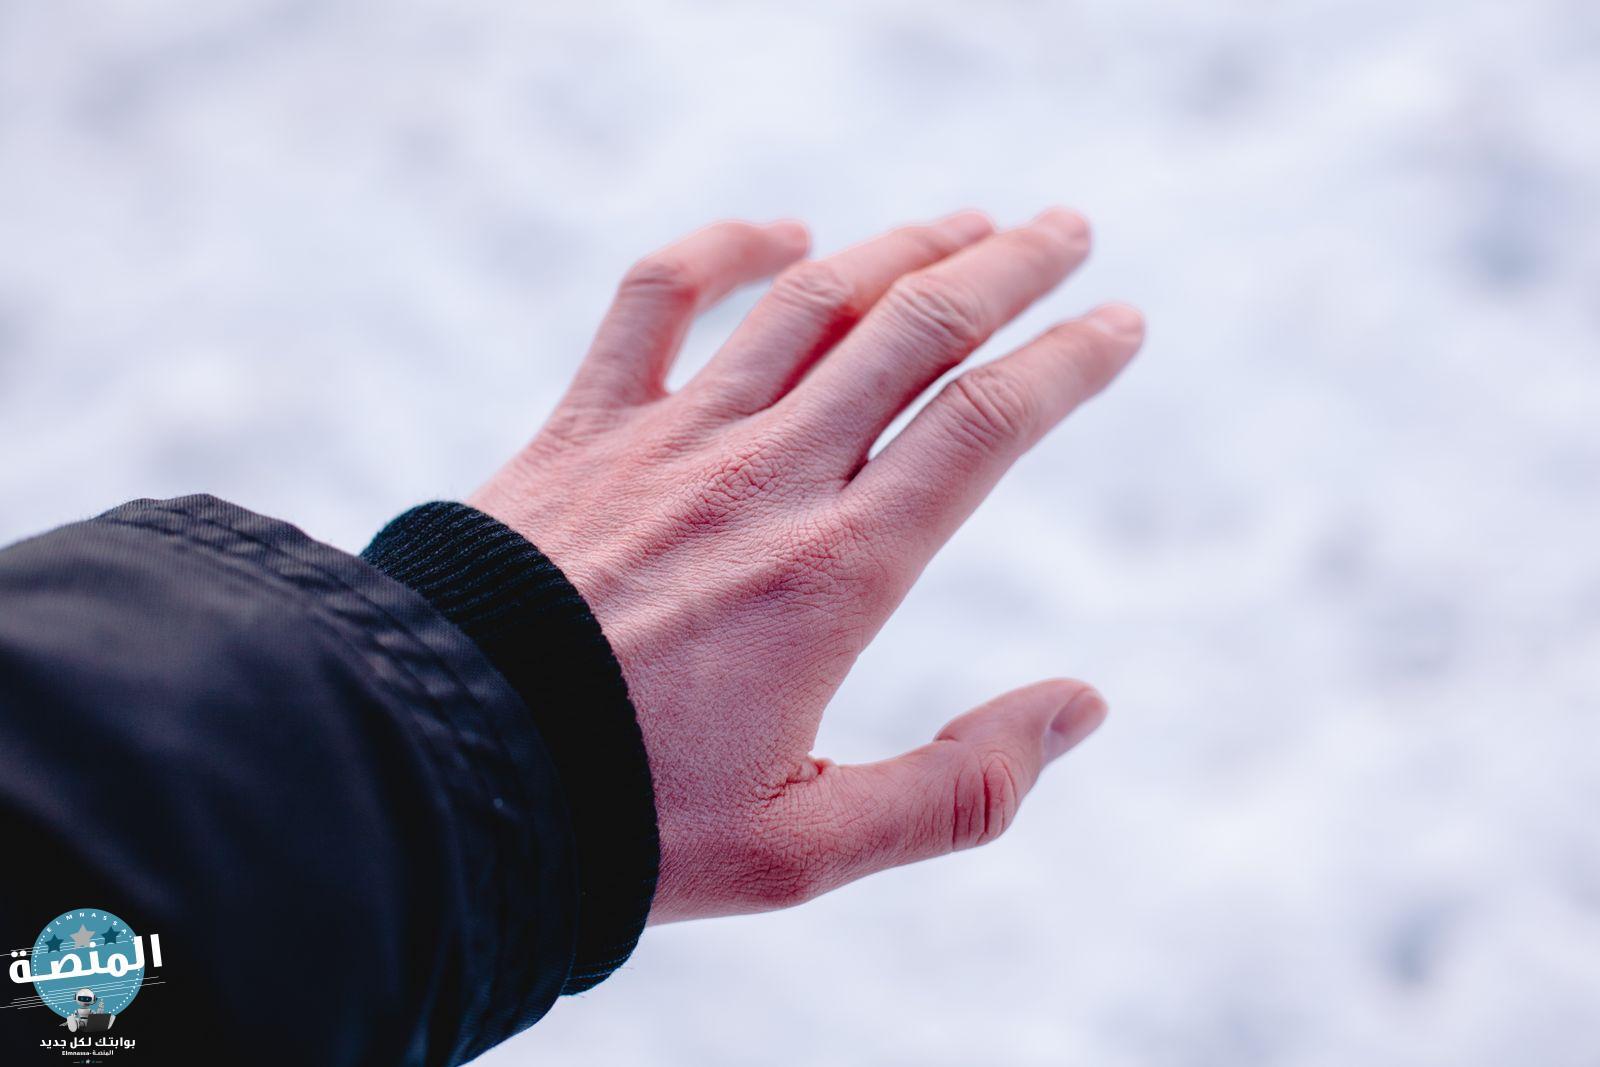 قضمة الصقيع أو عضة البرد